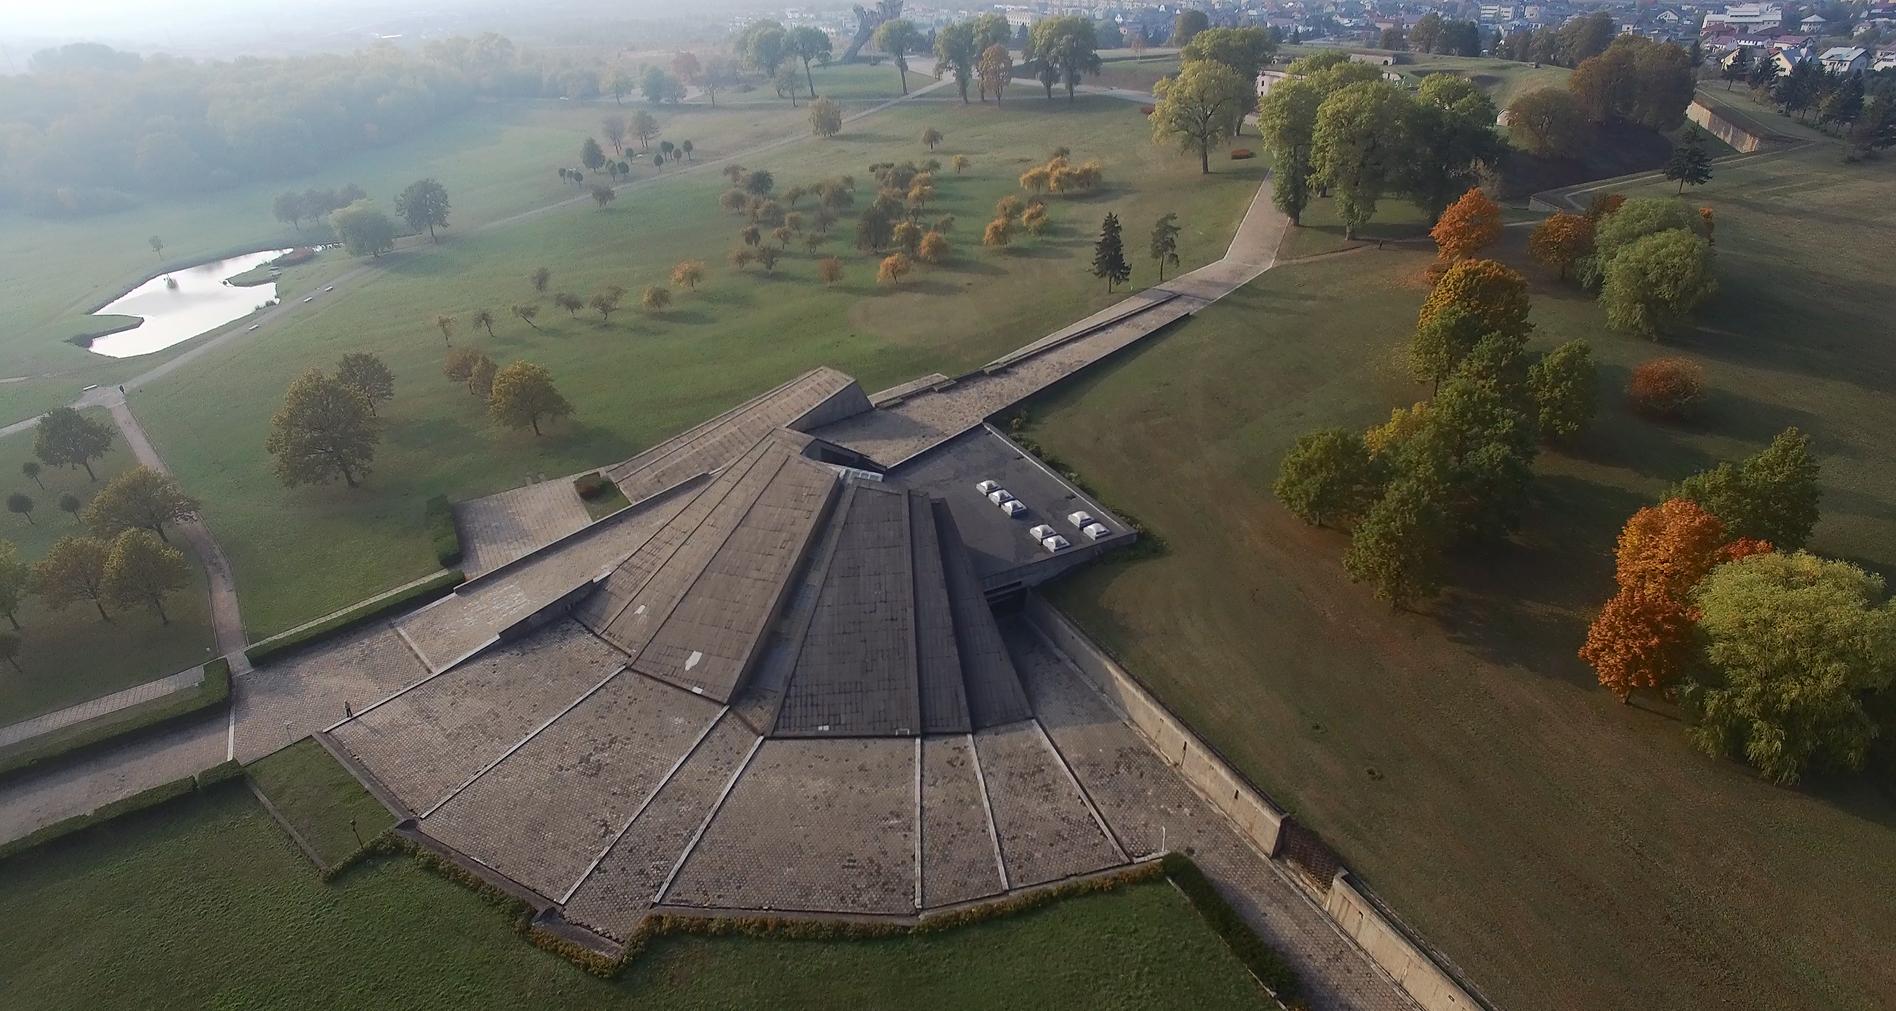 IX Forte na cidade de Kaunas, Lituânia